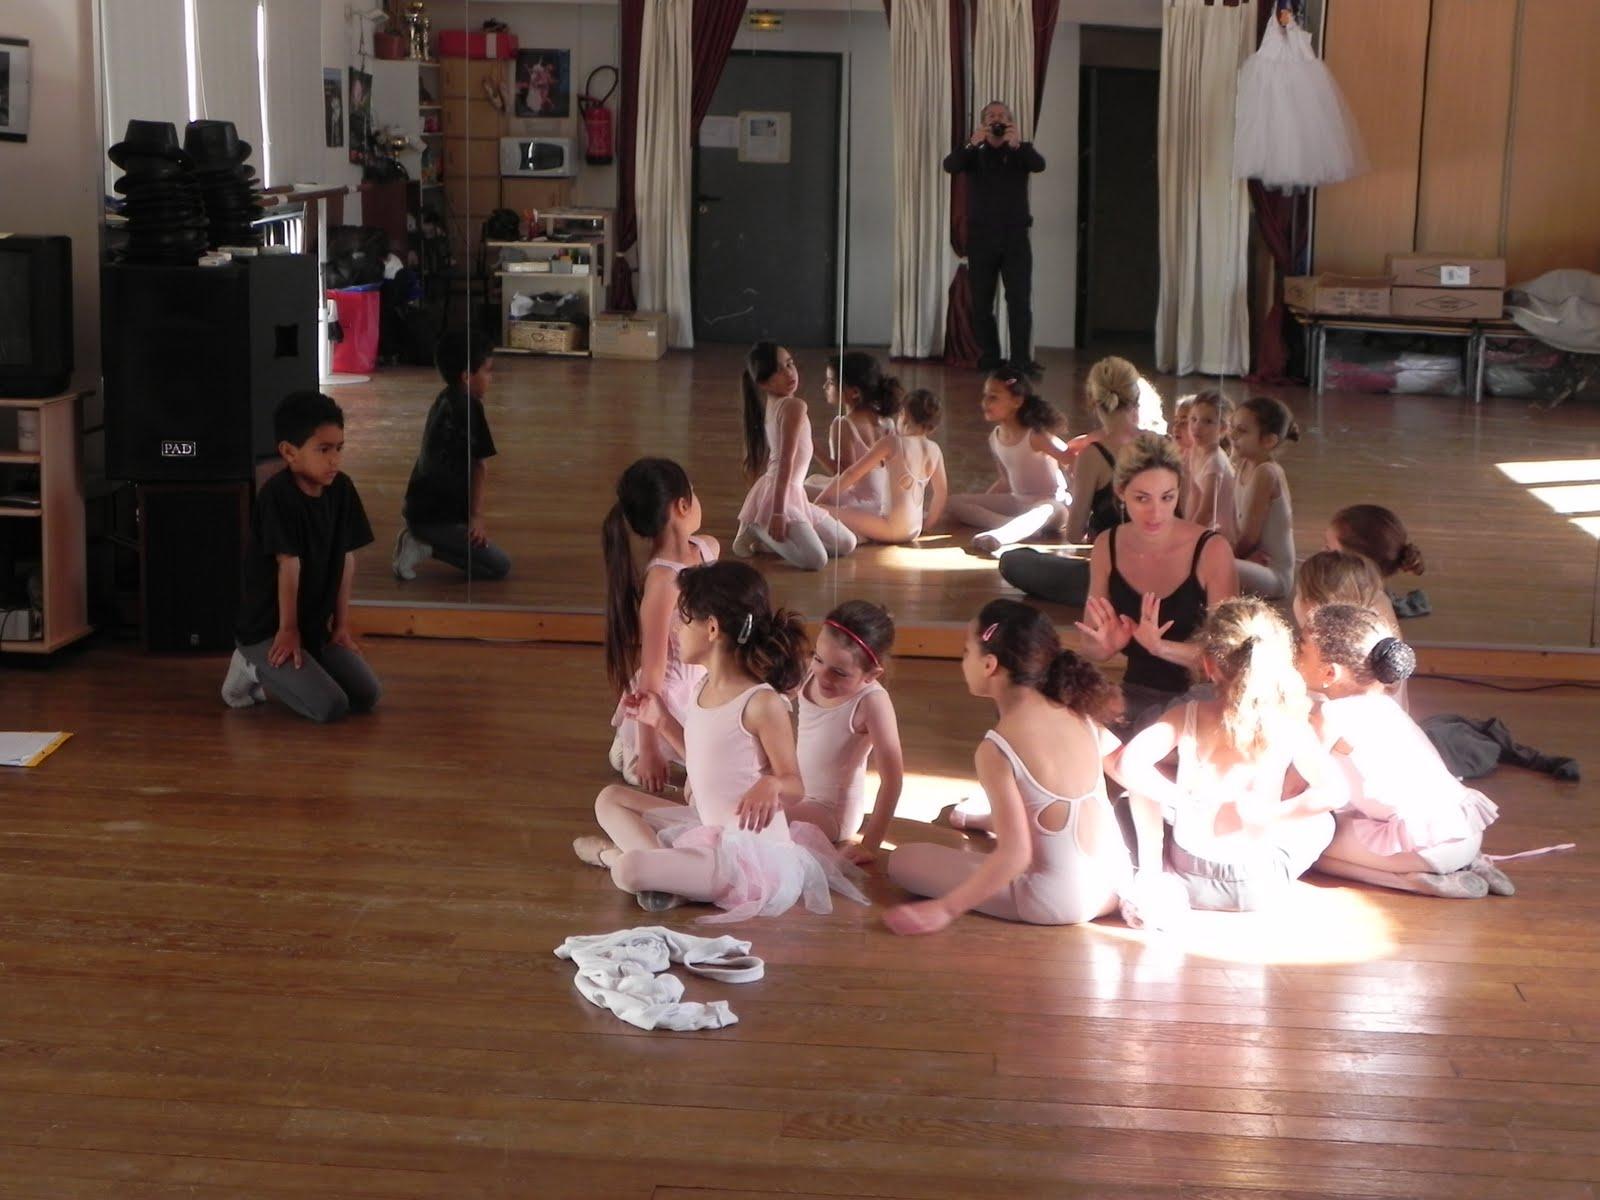 evolution ecole de danse marseille bouches du rhone 04 2011 05 2011